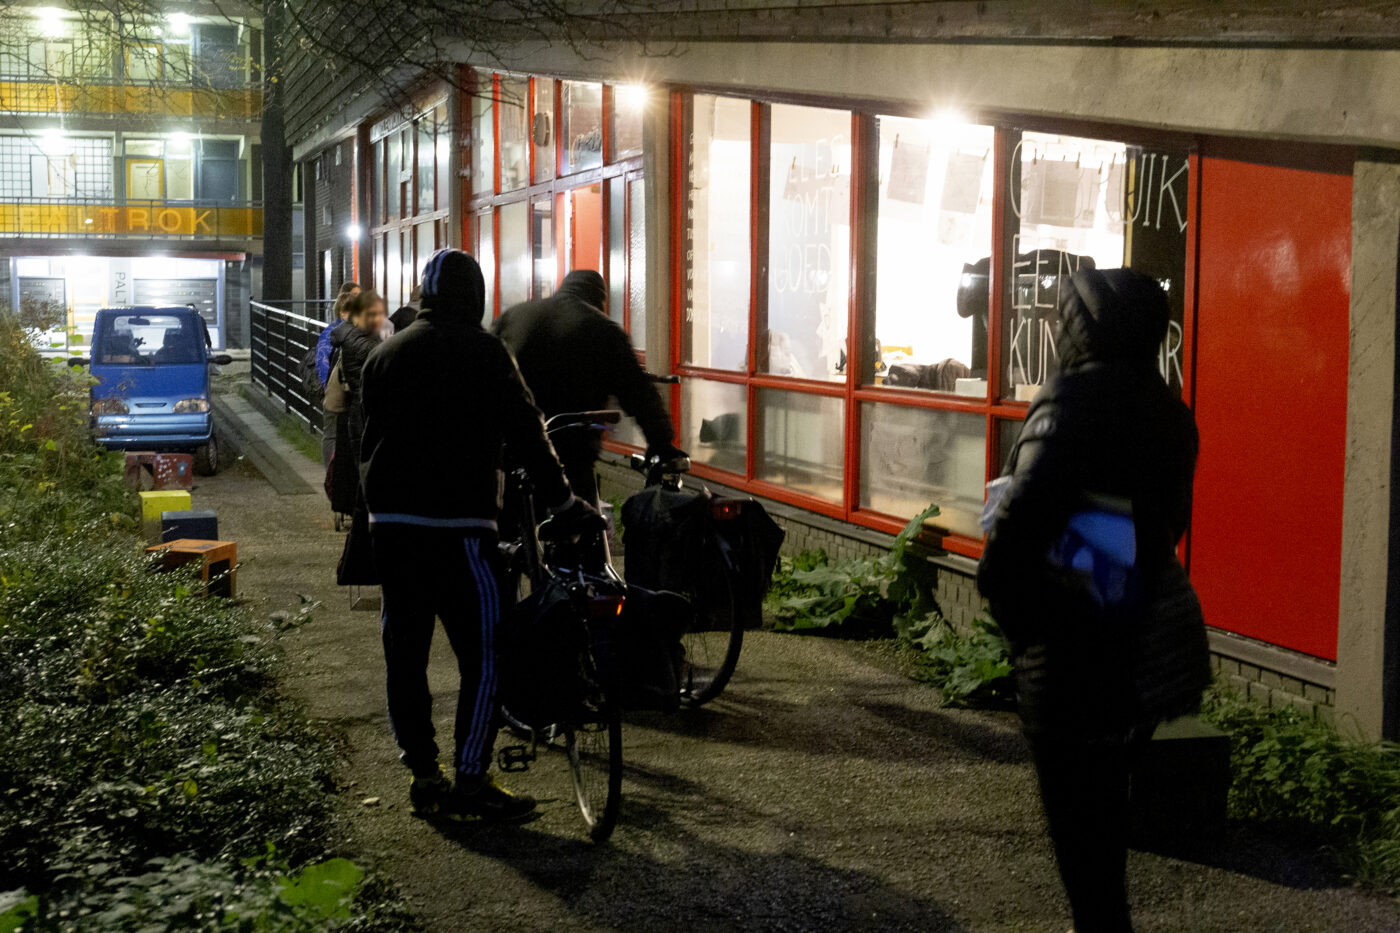 Voedselbank - Werkplaats Molenwijk